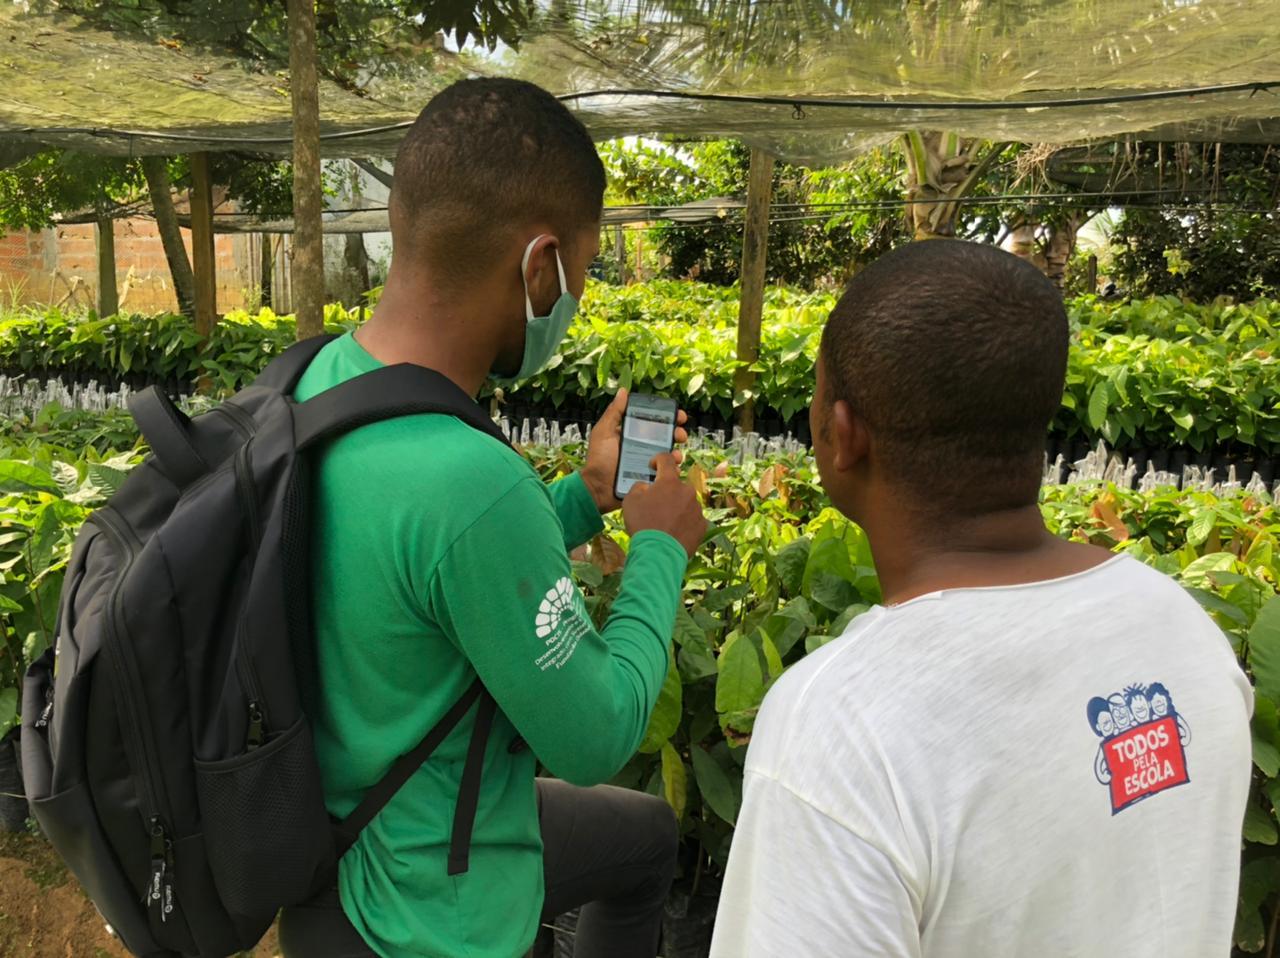 Dois homens olham para um celular num ambiente rural